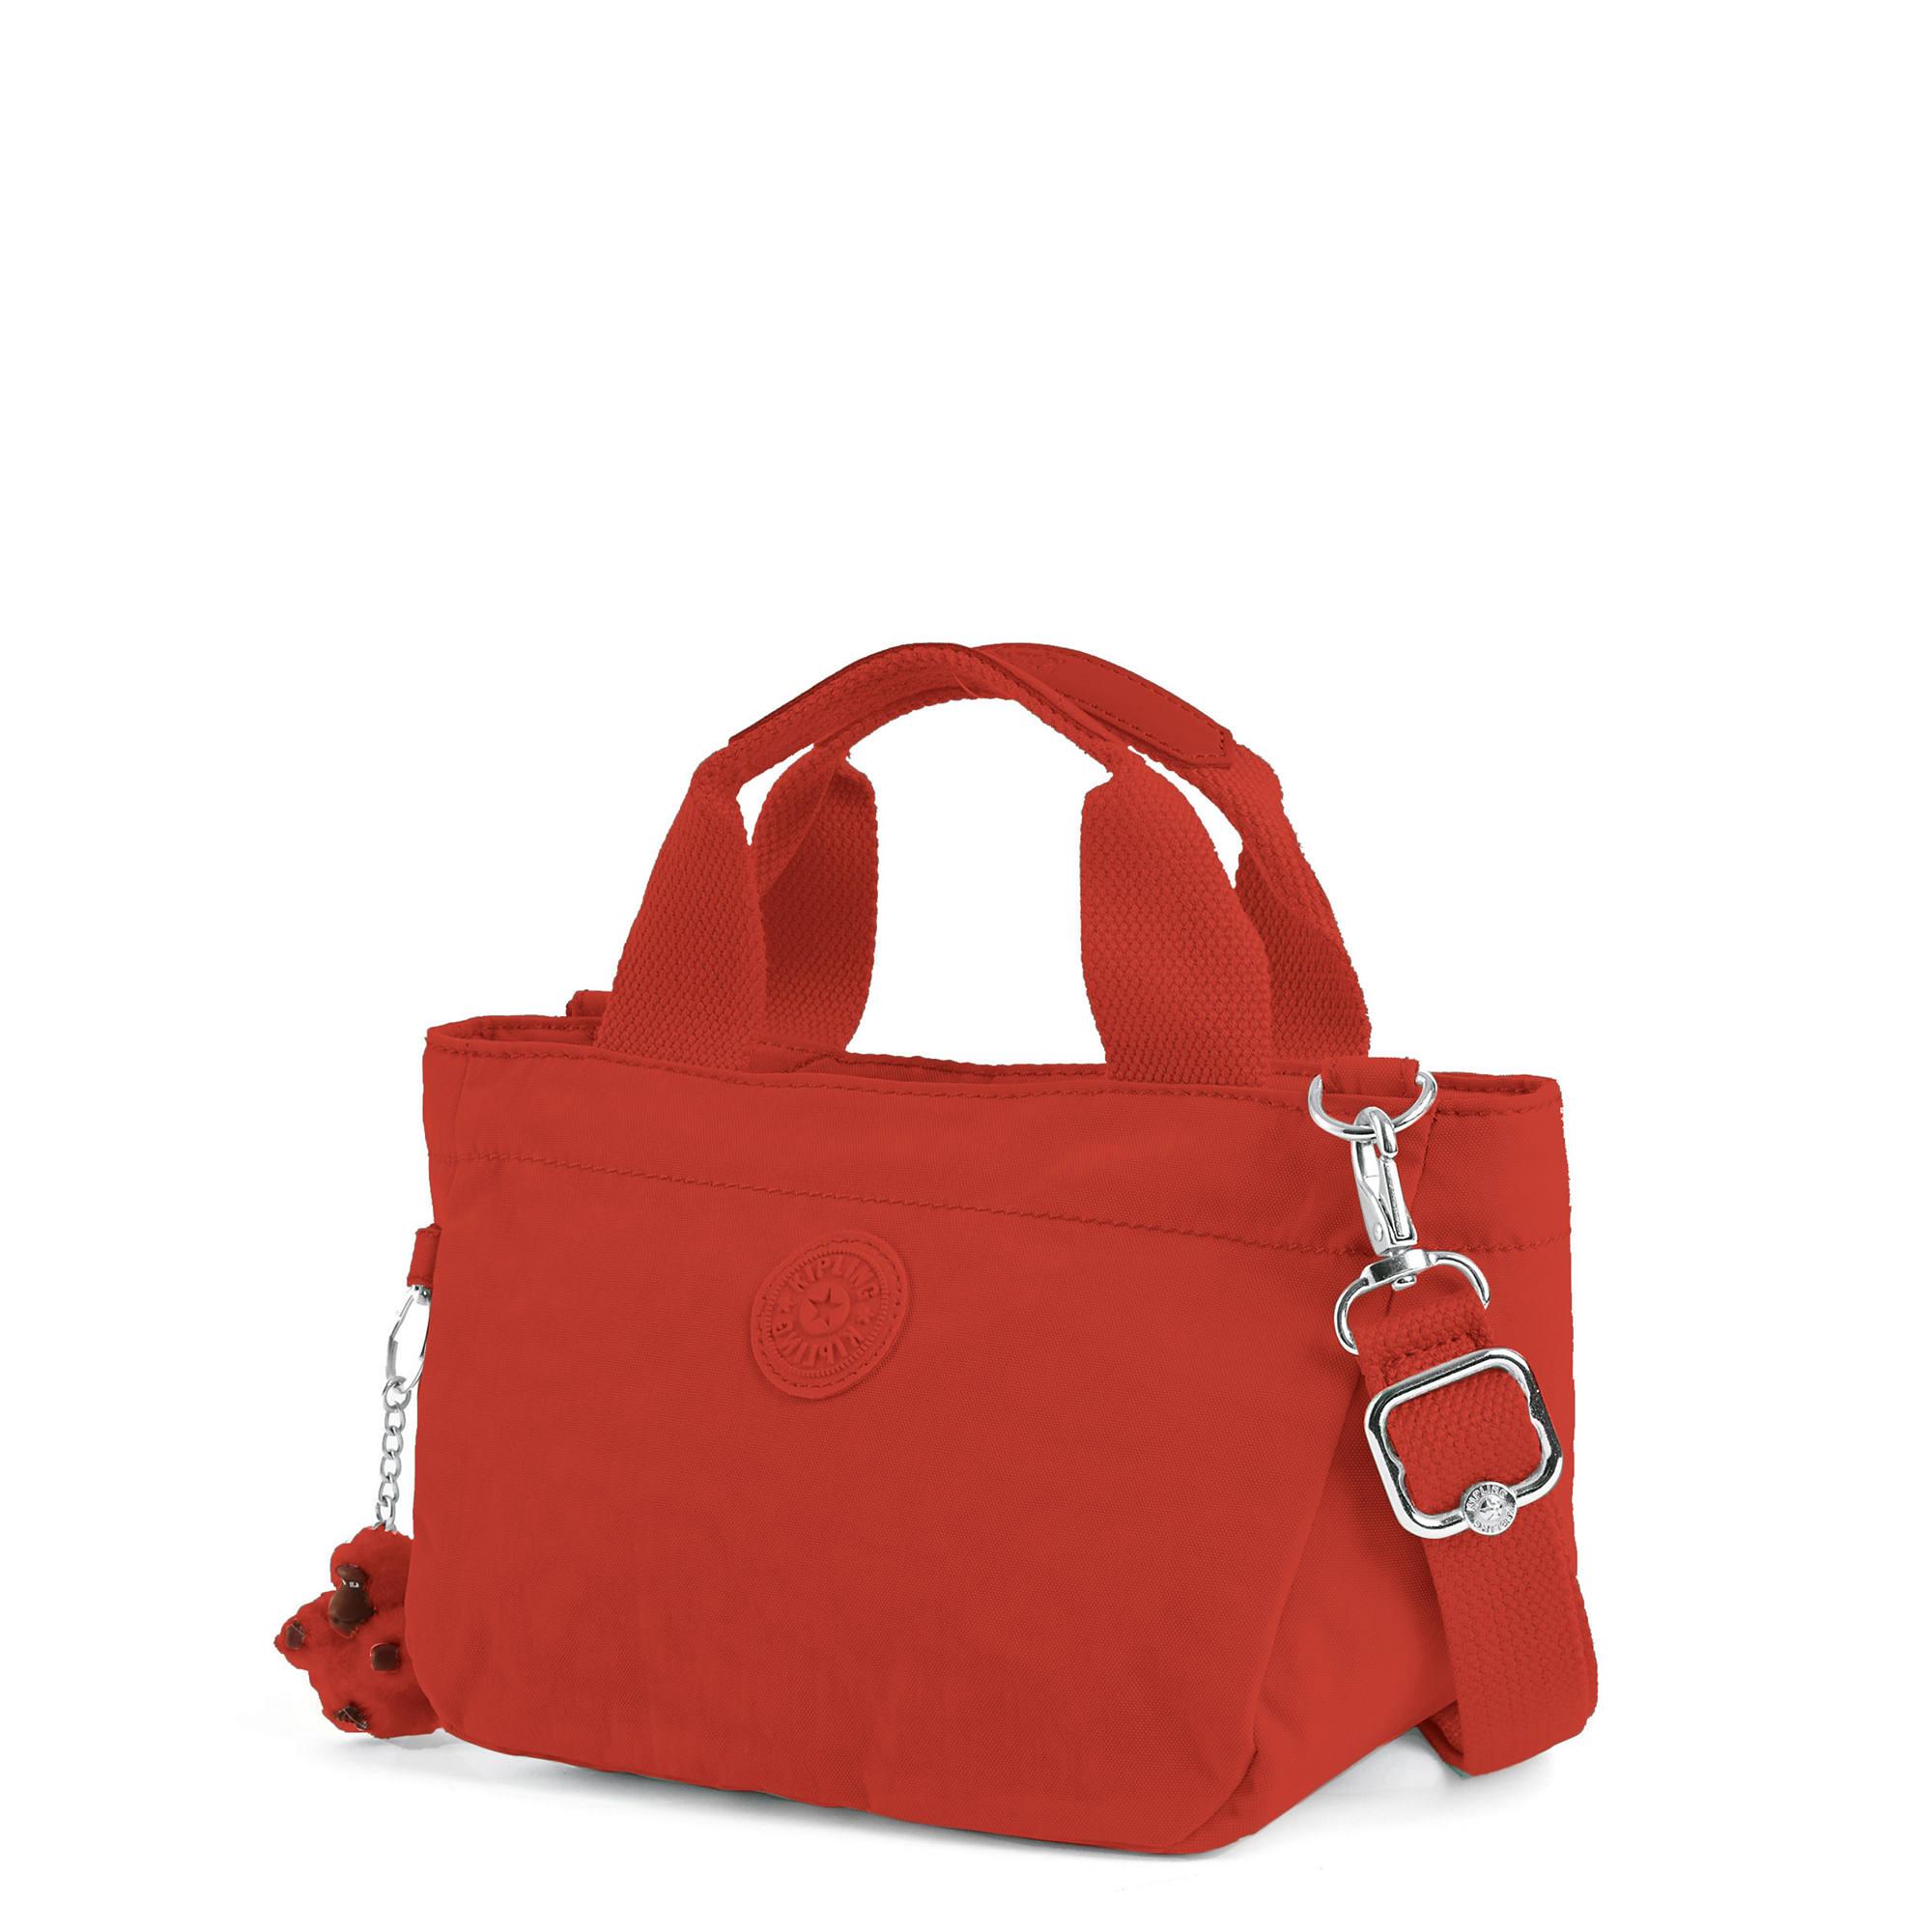 Sugar S Ii Mini Bag Red Rust Large